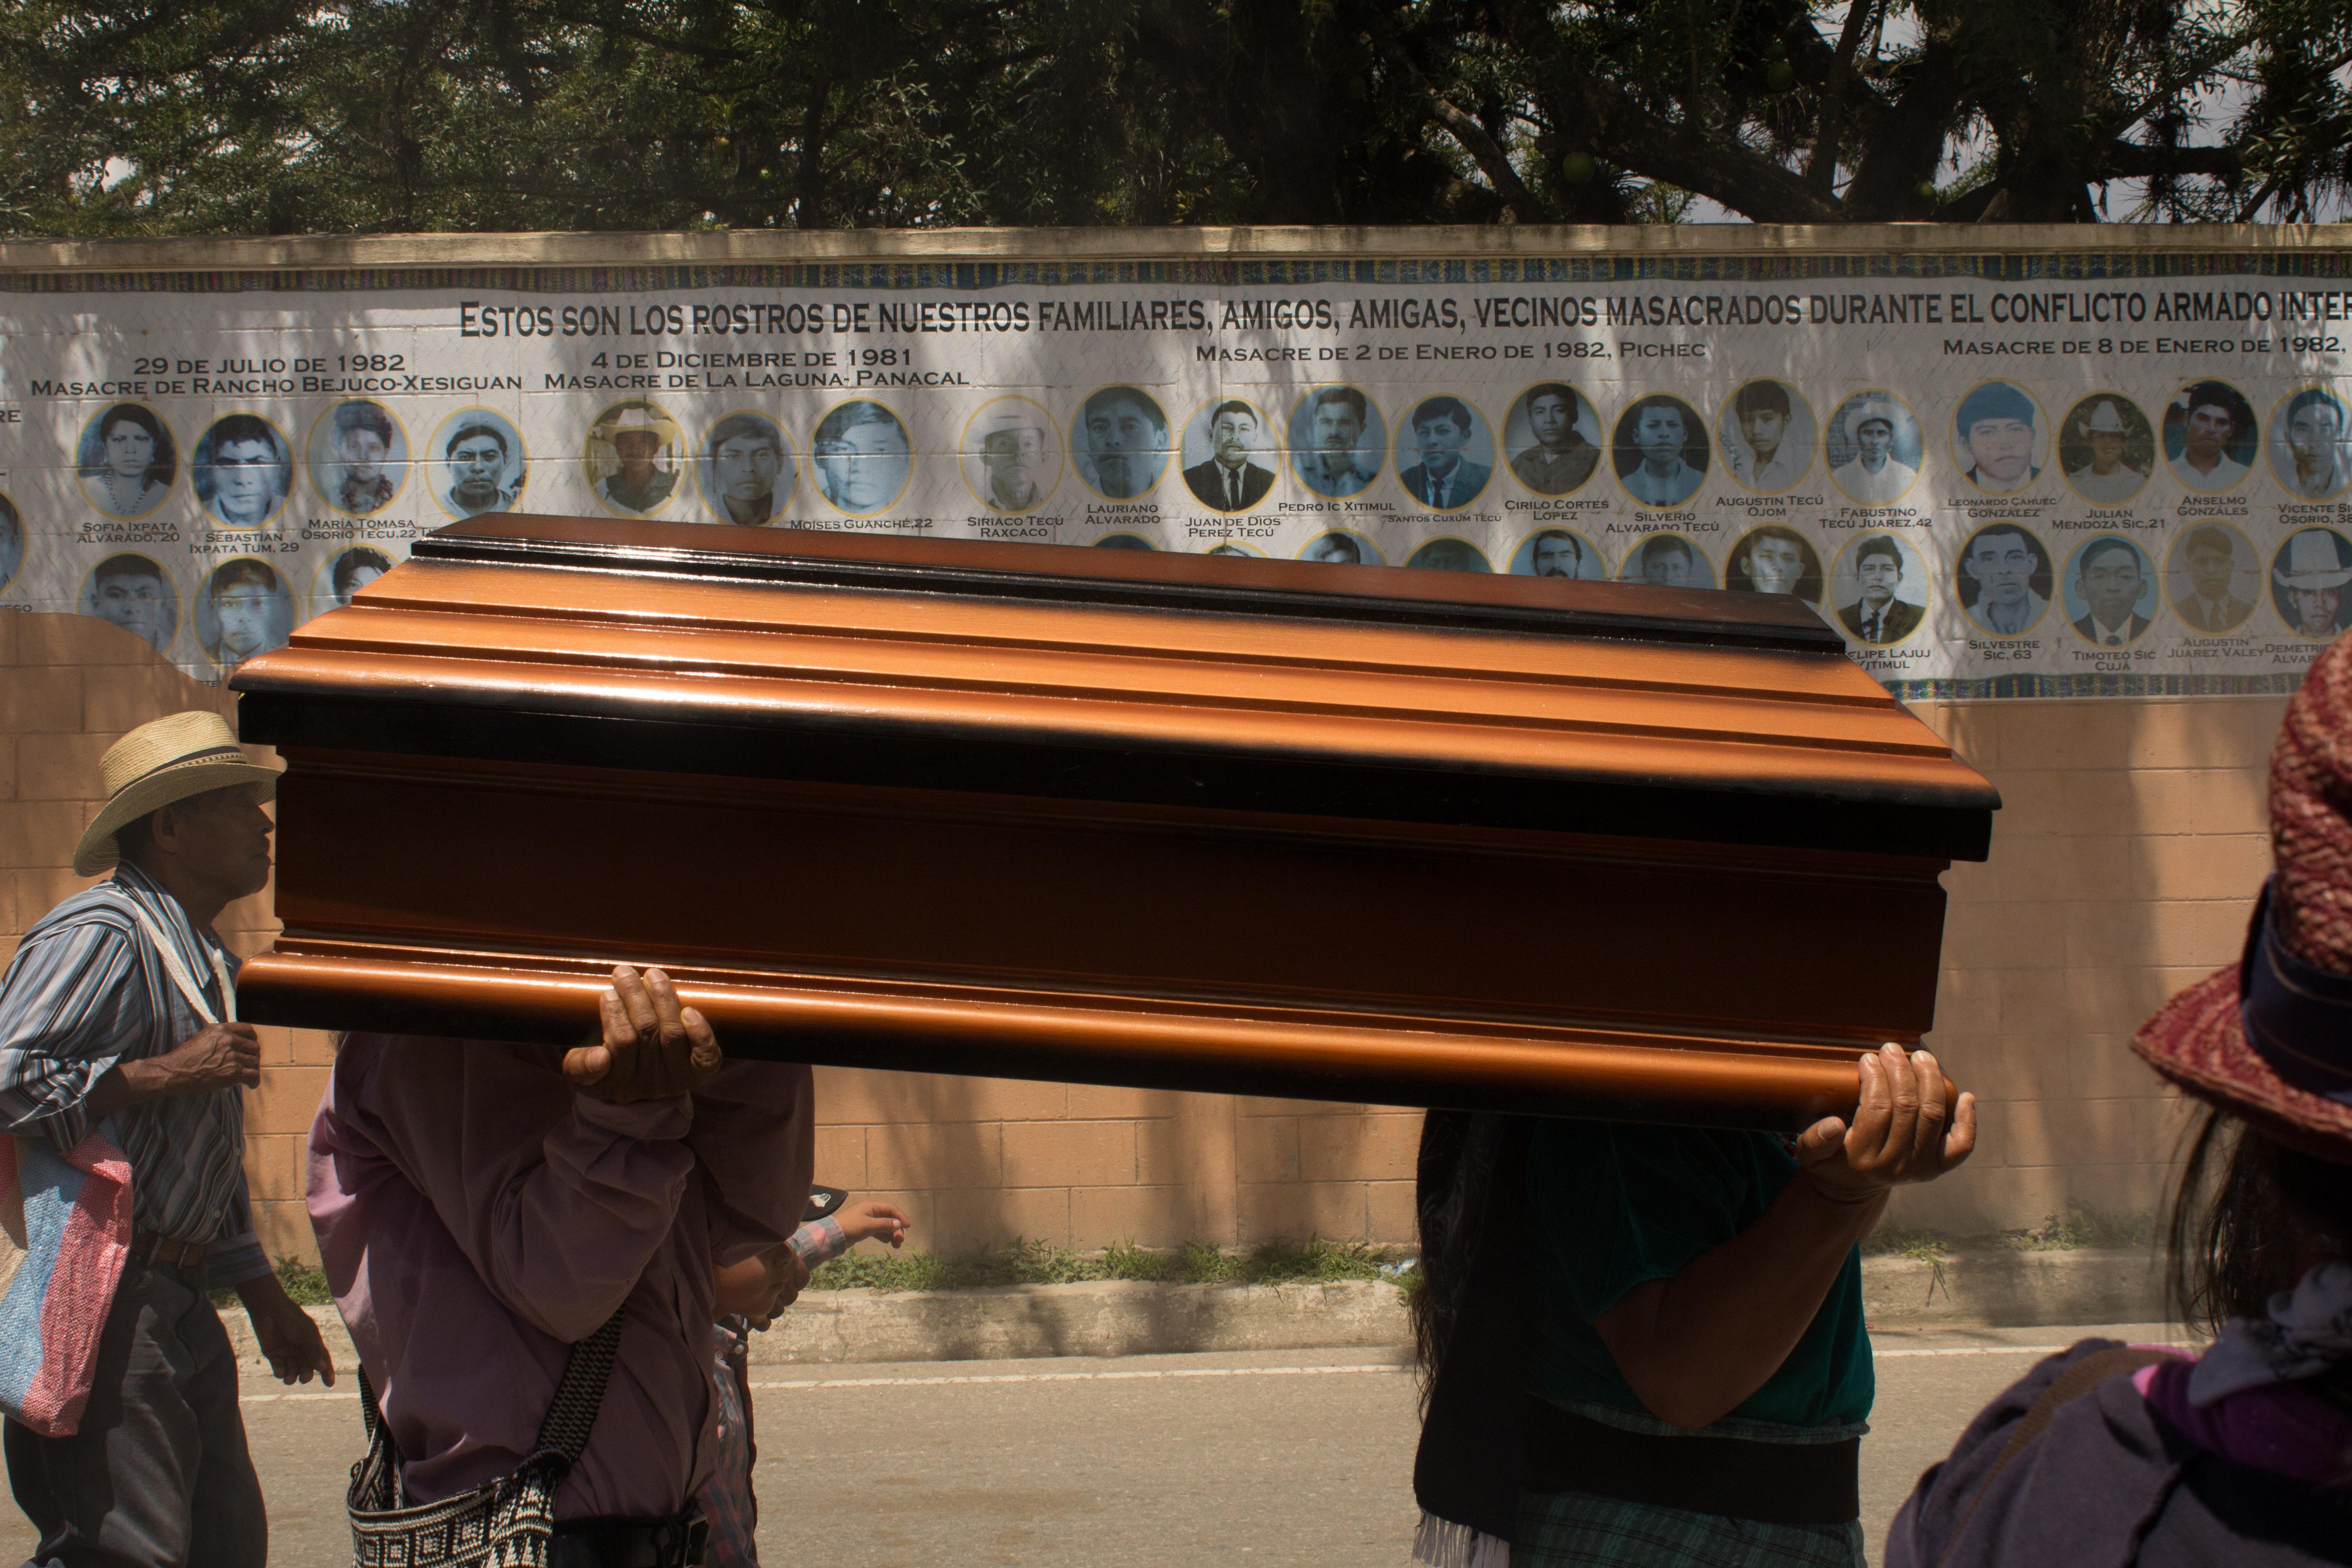 Entierro de Martina Rojas, desaparecida por el ejército en la masacre de Río Negro. Foto: Roderico Y. Díaz